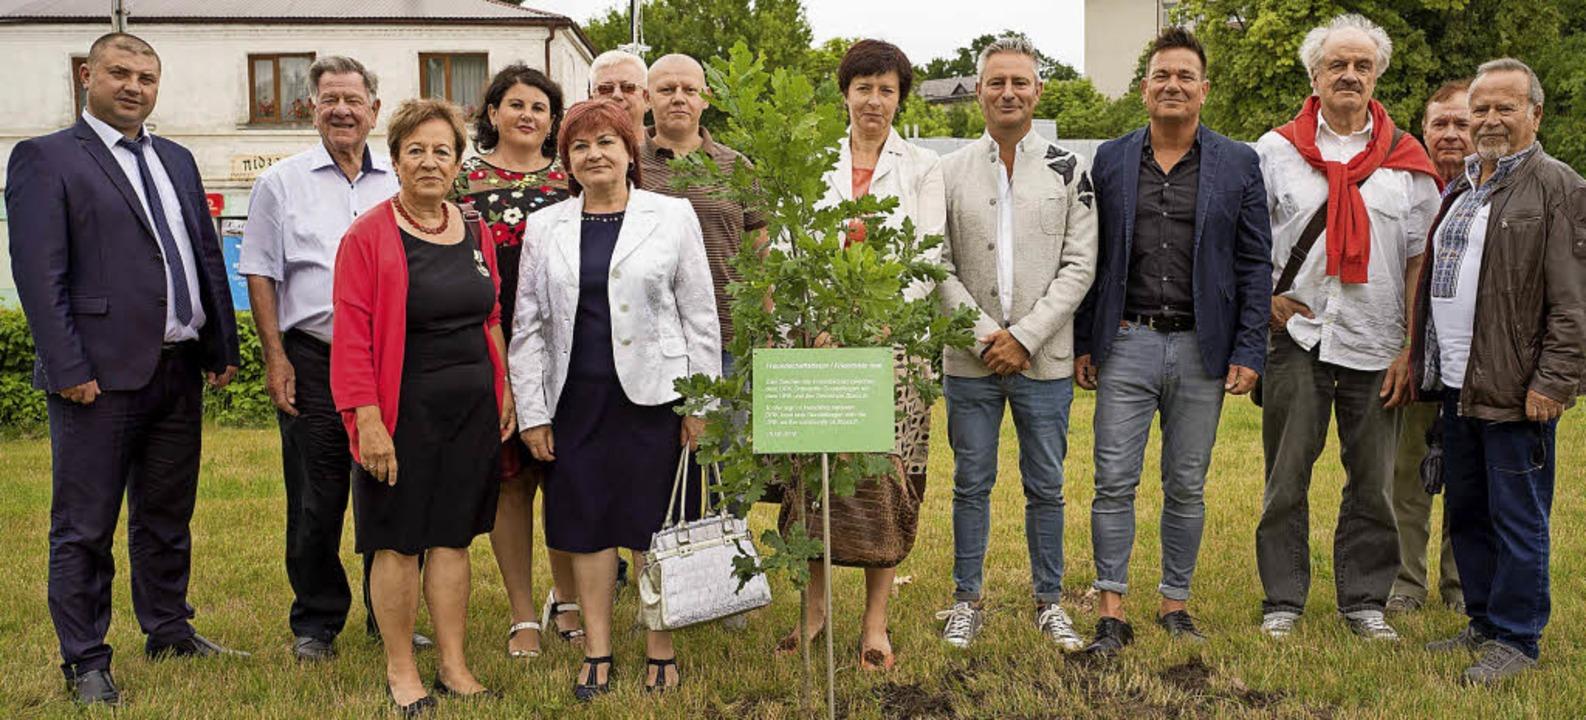 Gruppenfoto mit Amtsträgern aus Zbaraz... beim Pflanzen des Freundschaftsbaums.  | Foto: Privat